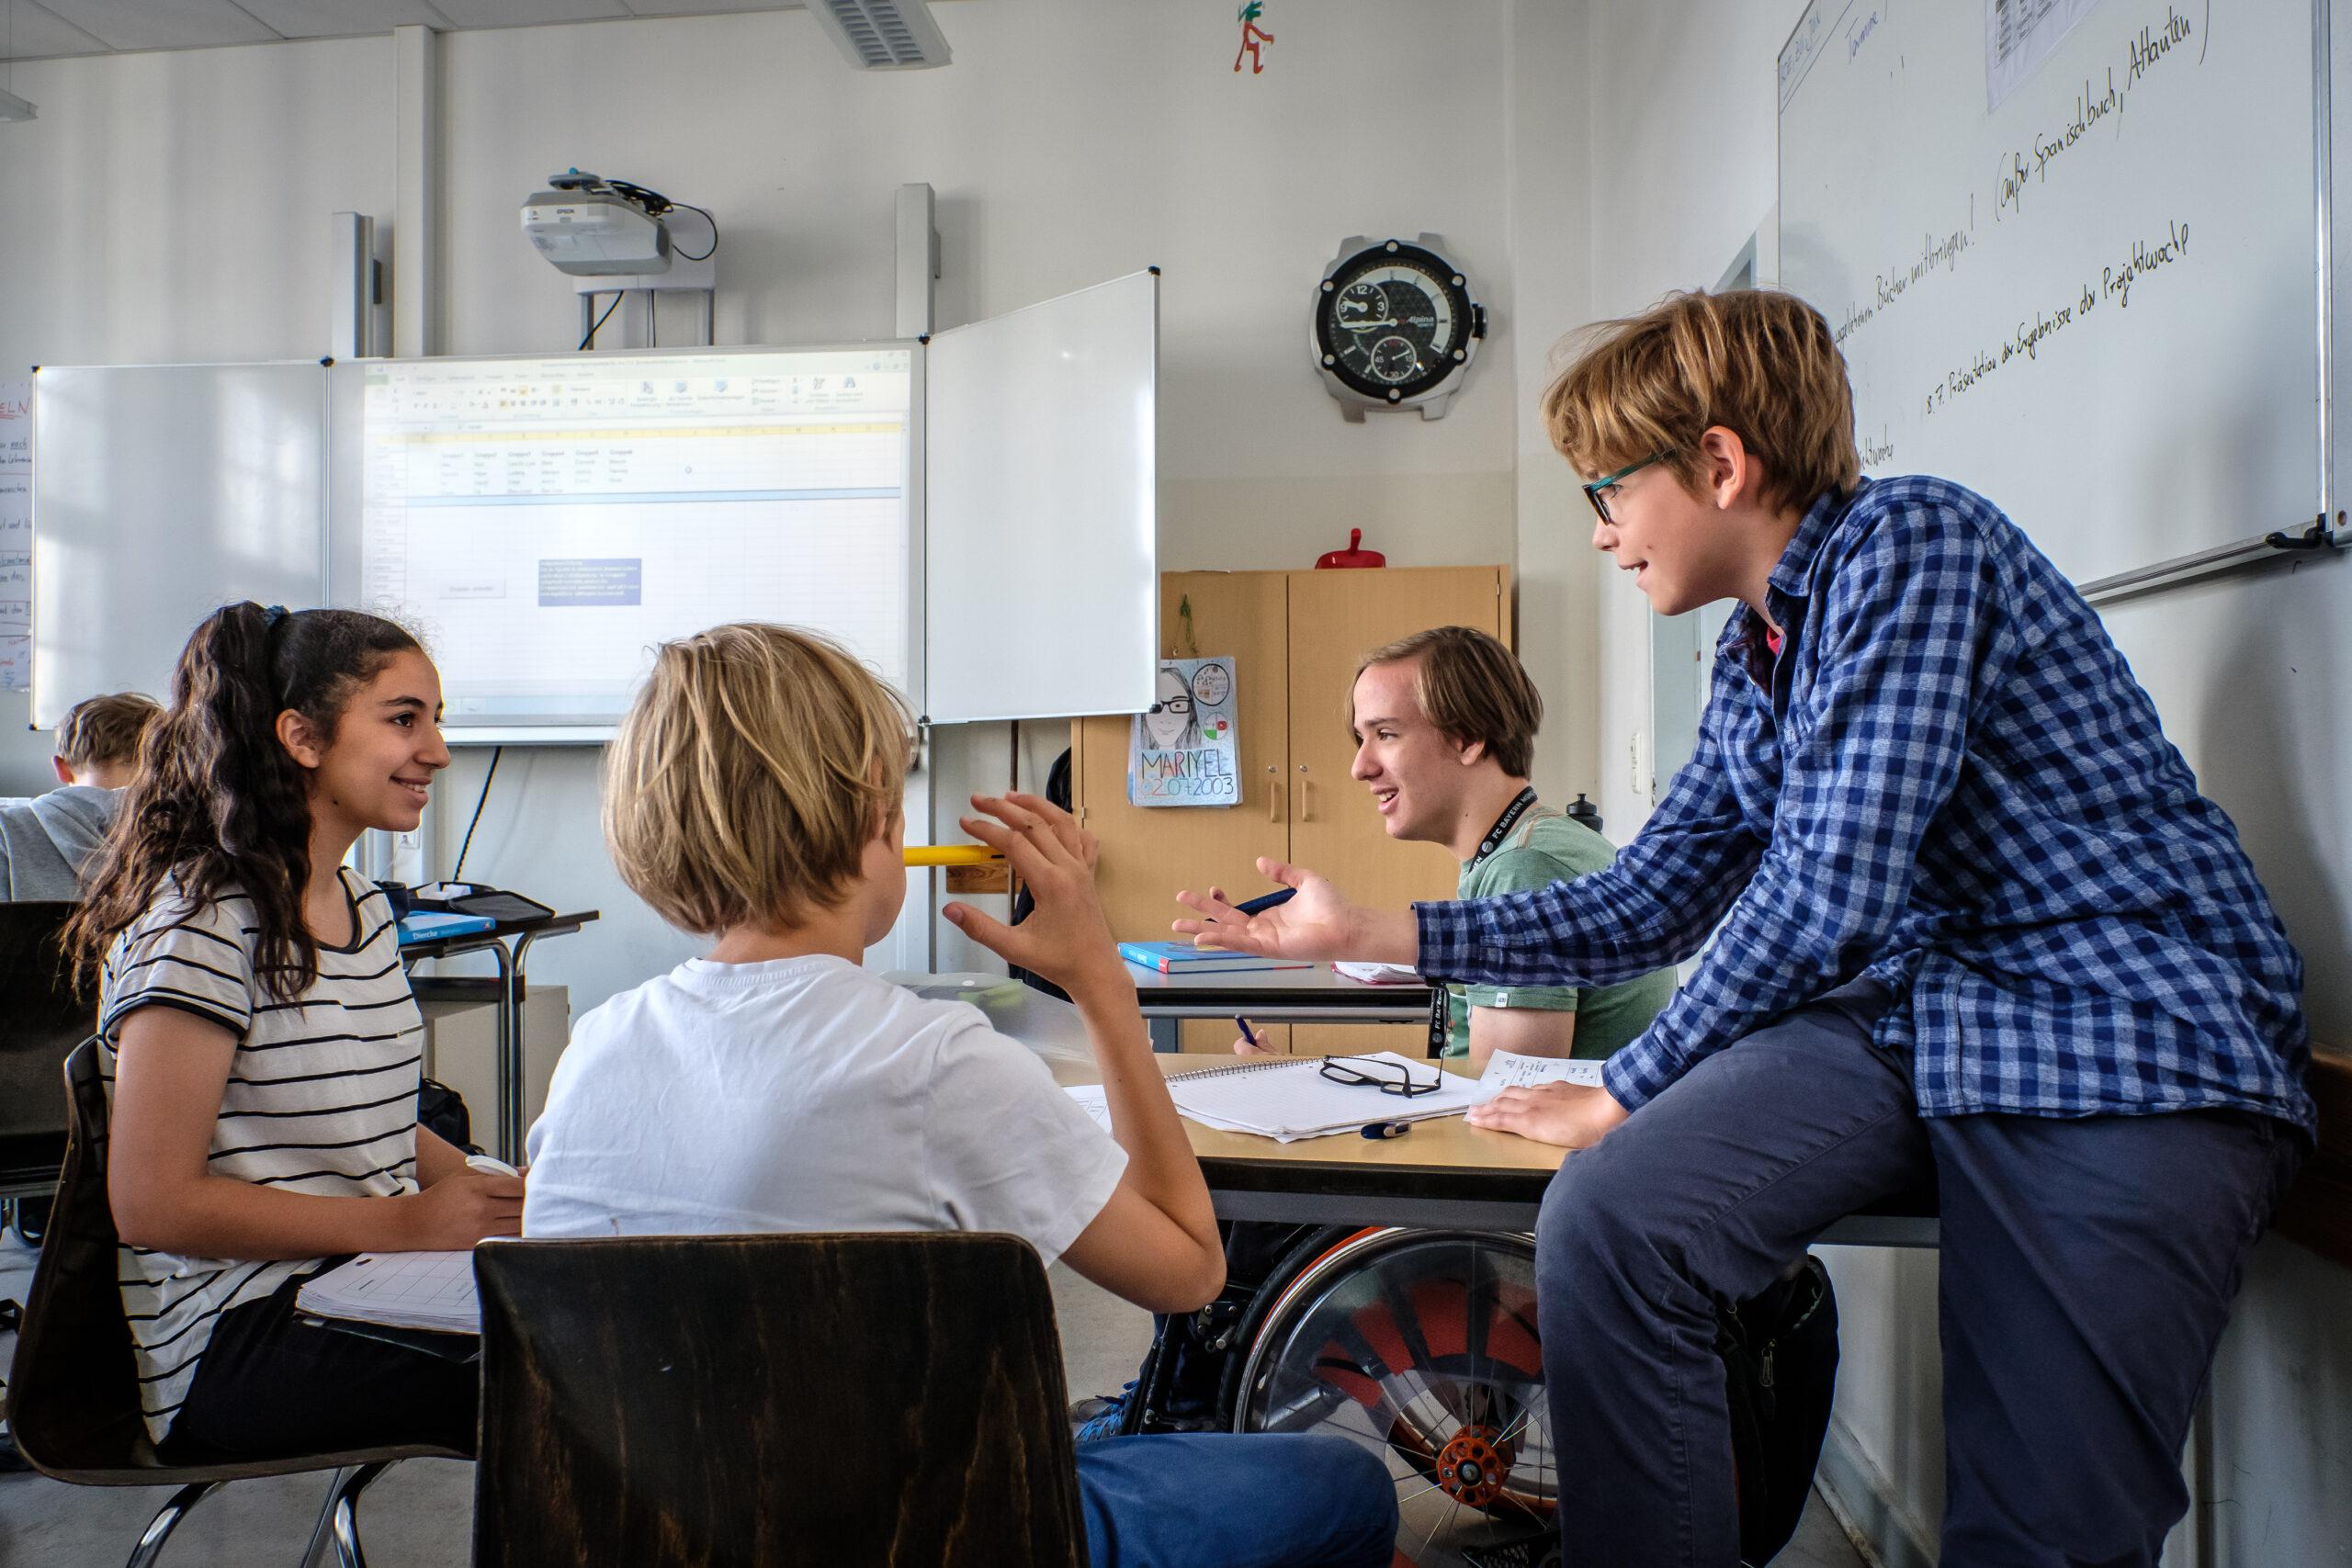 In einem Klassenraum sitzen drei Schüler:innen an einem Tisch mit einer Lehrkraft, die mit ihnen etwas bespricht.